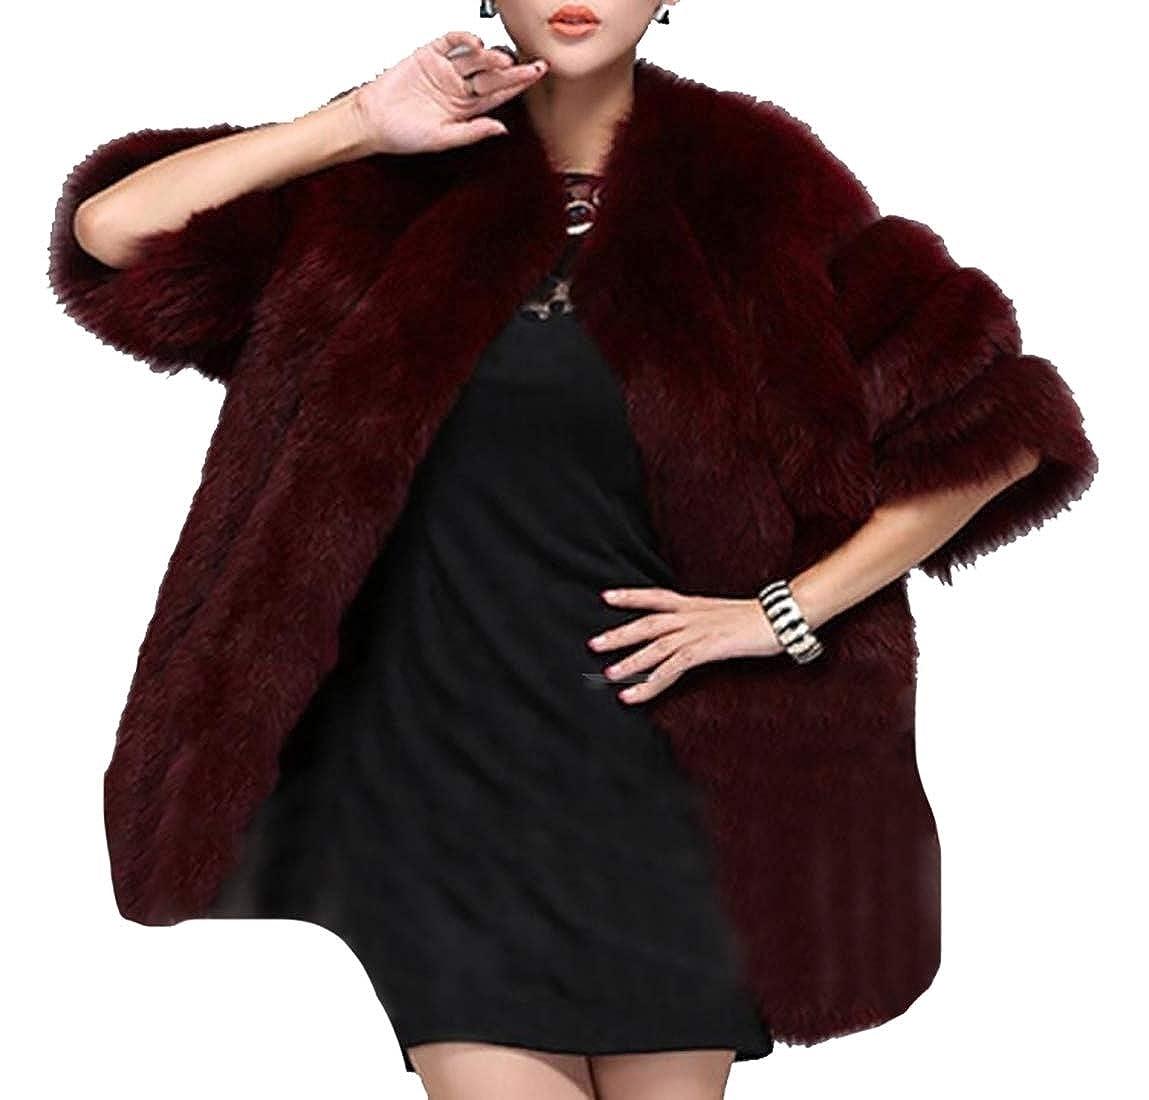 1 LEISHOP Women Winter Long Sleeve Open Coat Faux Fur Front Short Cardigan Jacket